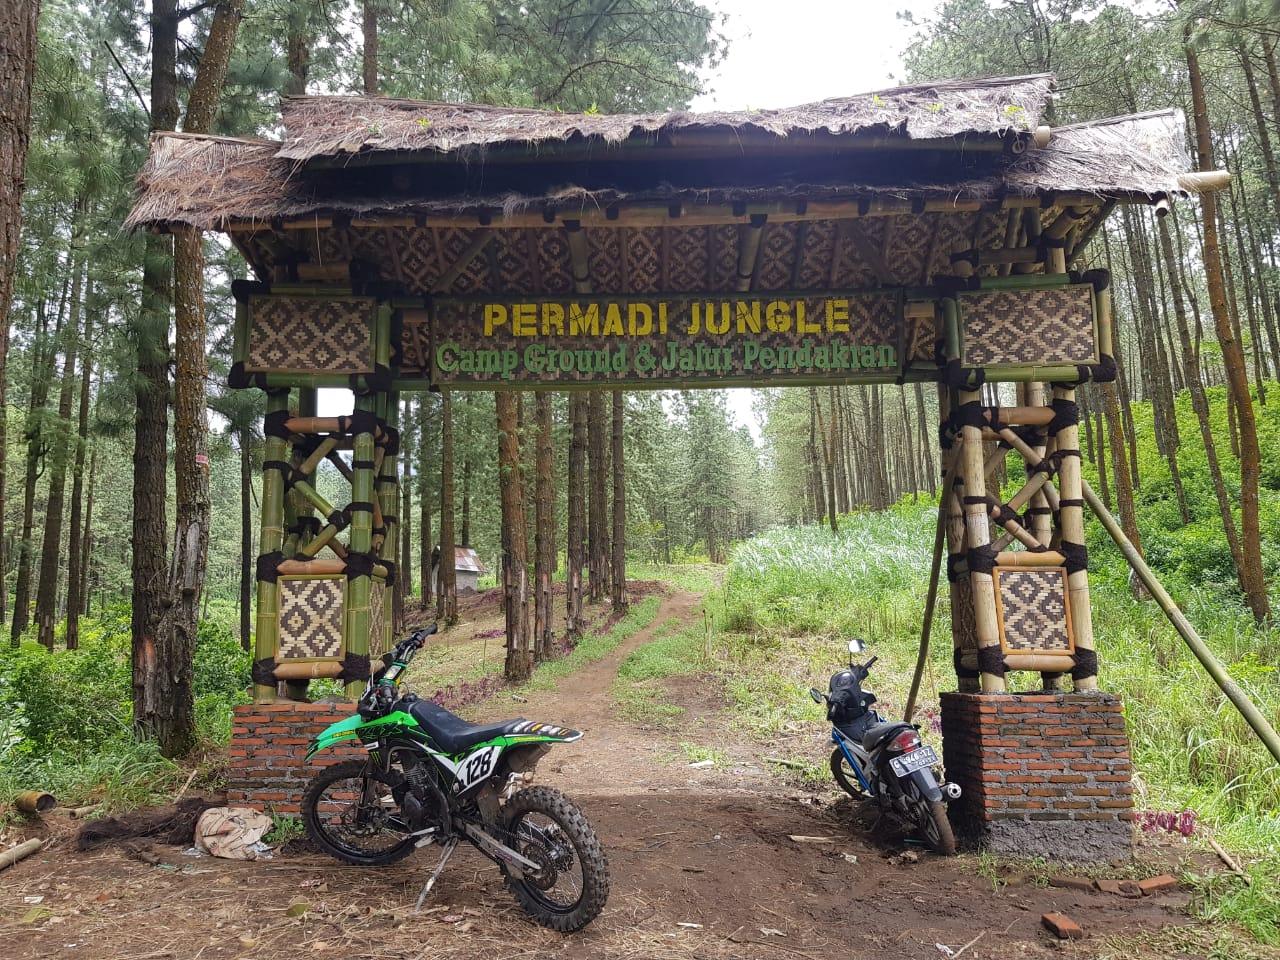 Di Balik Gerai Lembut Wisata Guci, Permadi Jungle Patut Jadi Jadwal Liburan Anda